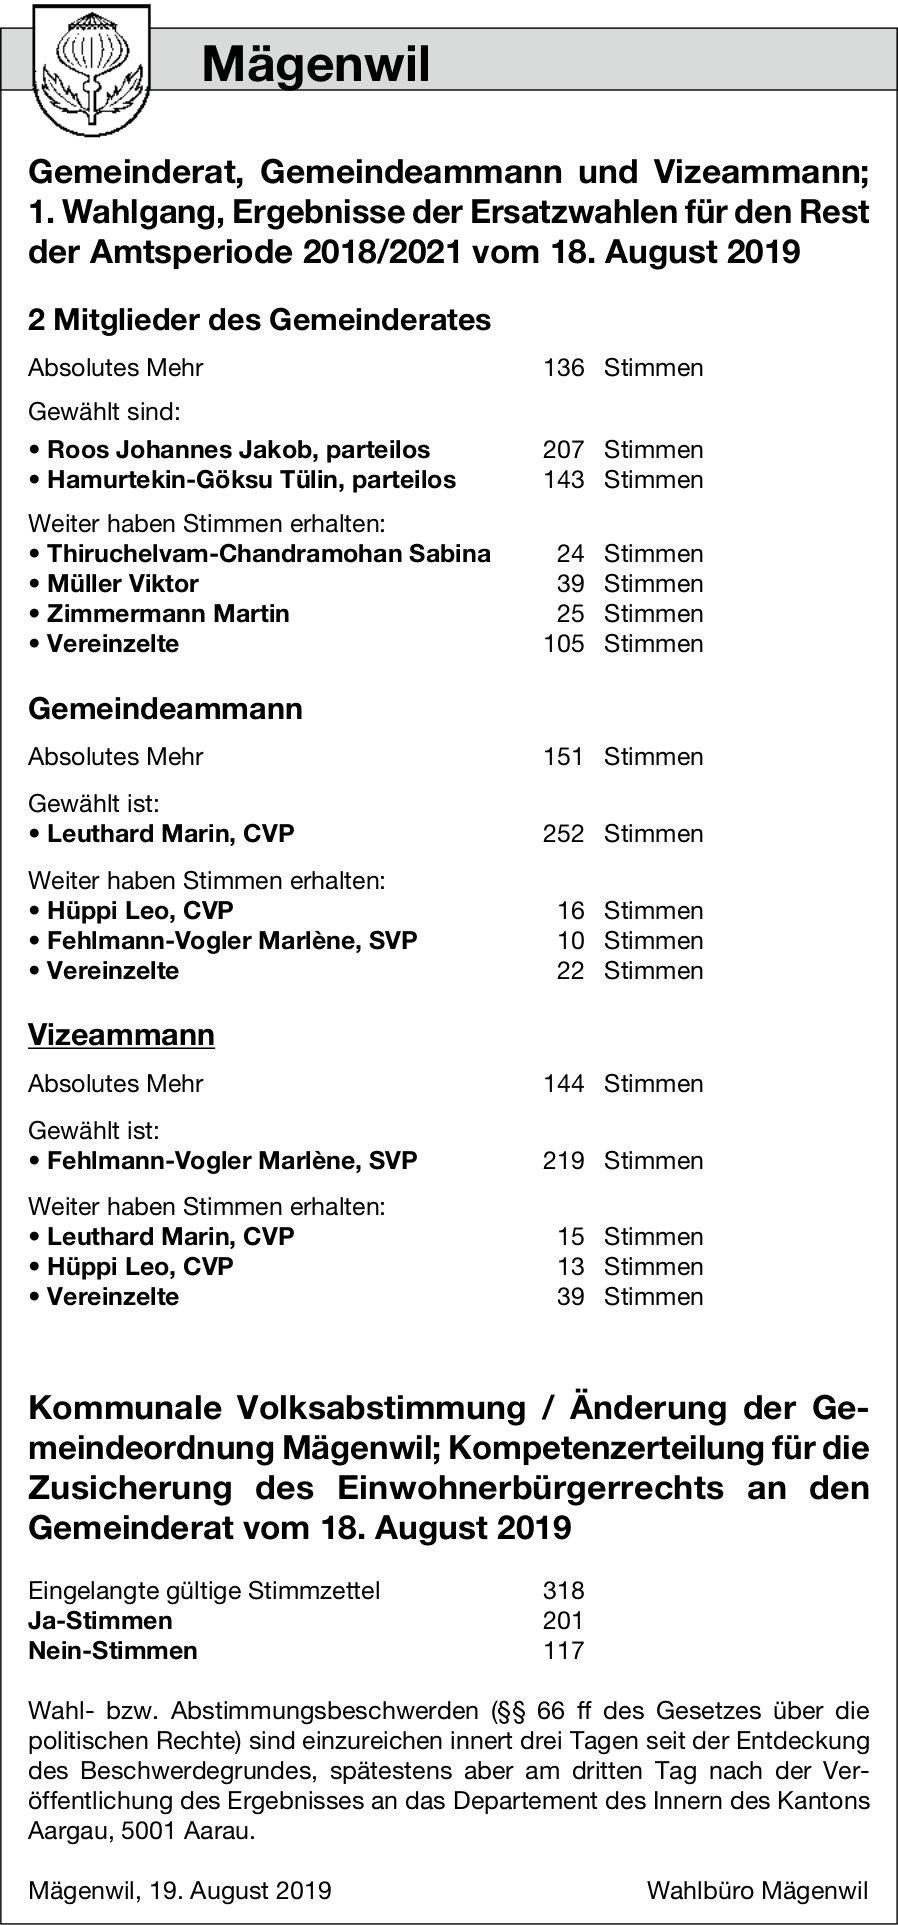 Mägenwil - Gemeinderat, Gemeindeammann und Vizeammann; 1. Wahlgang